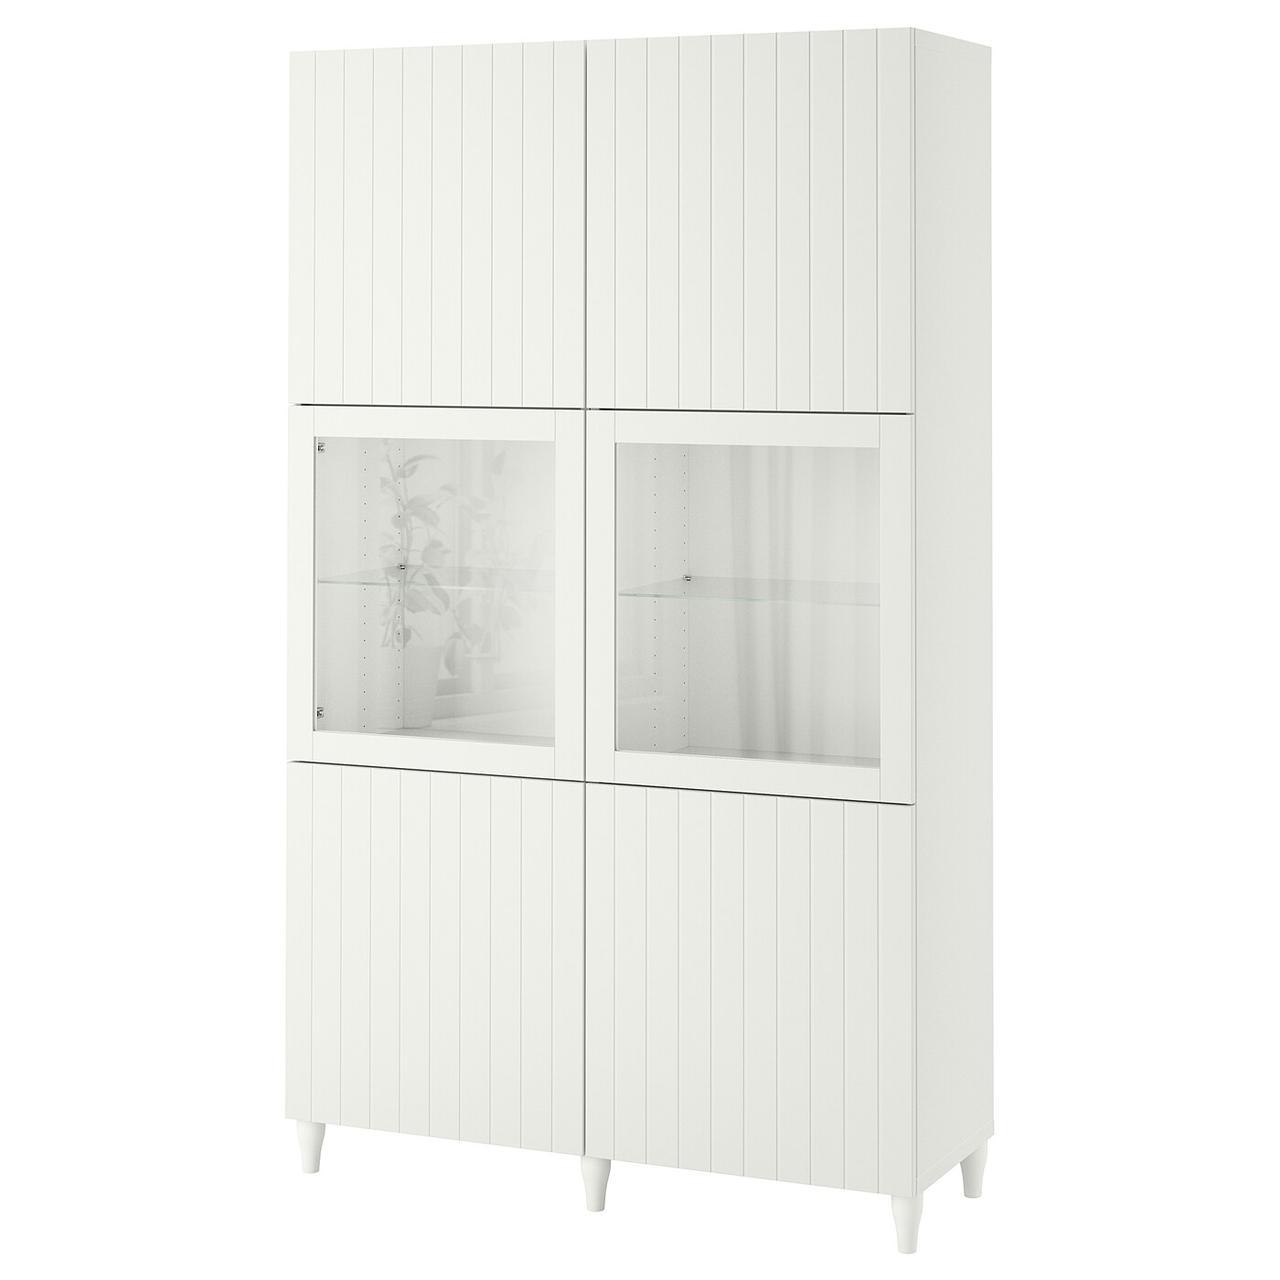 IKEA BESTÅ Стеллаж/стеклянная дверь 120x42x202 см